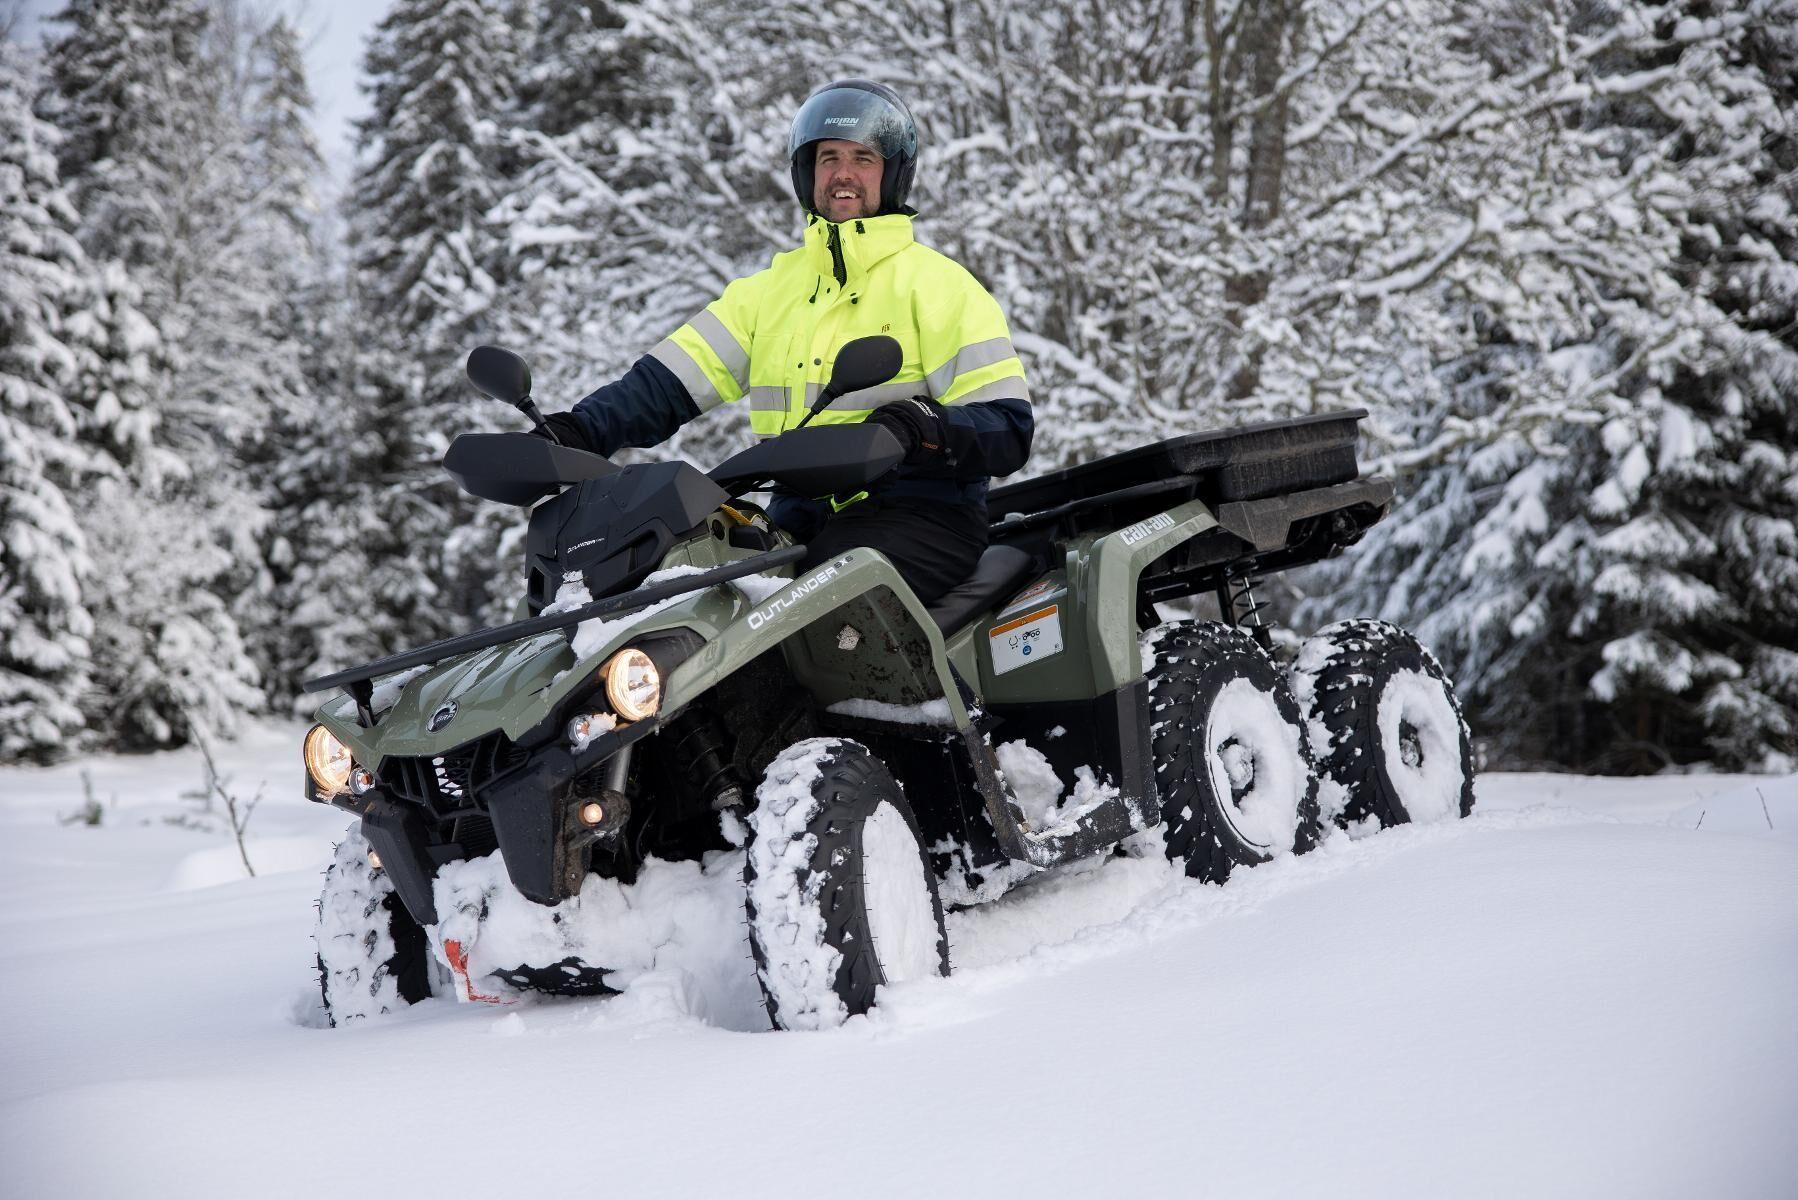 ATL:s fyrhjulingsexpert Per Johansson har provkört en sexhjuling från Can-am.